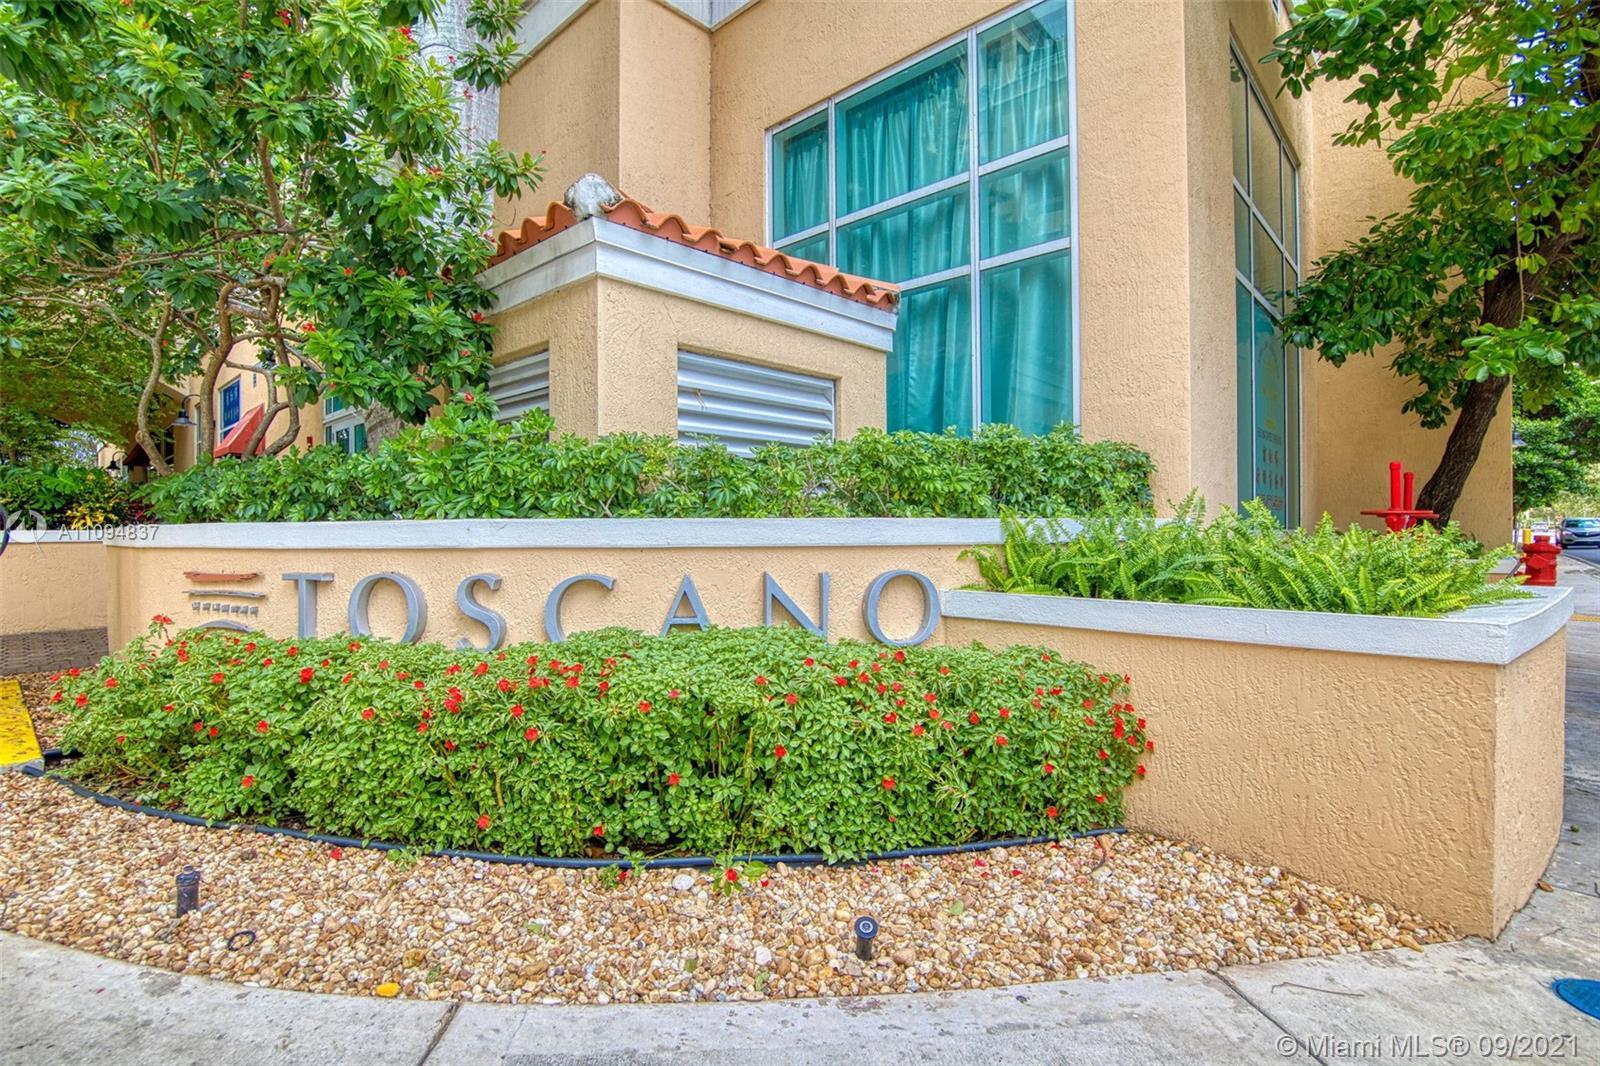 Toscano #425N - 7355 SW 89th St #425N, Miami, FL 33156